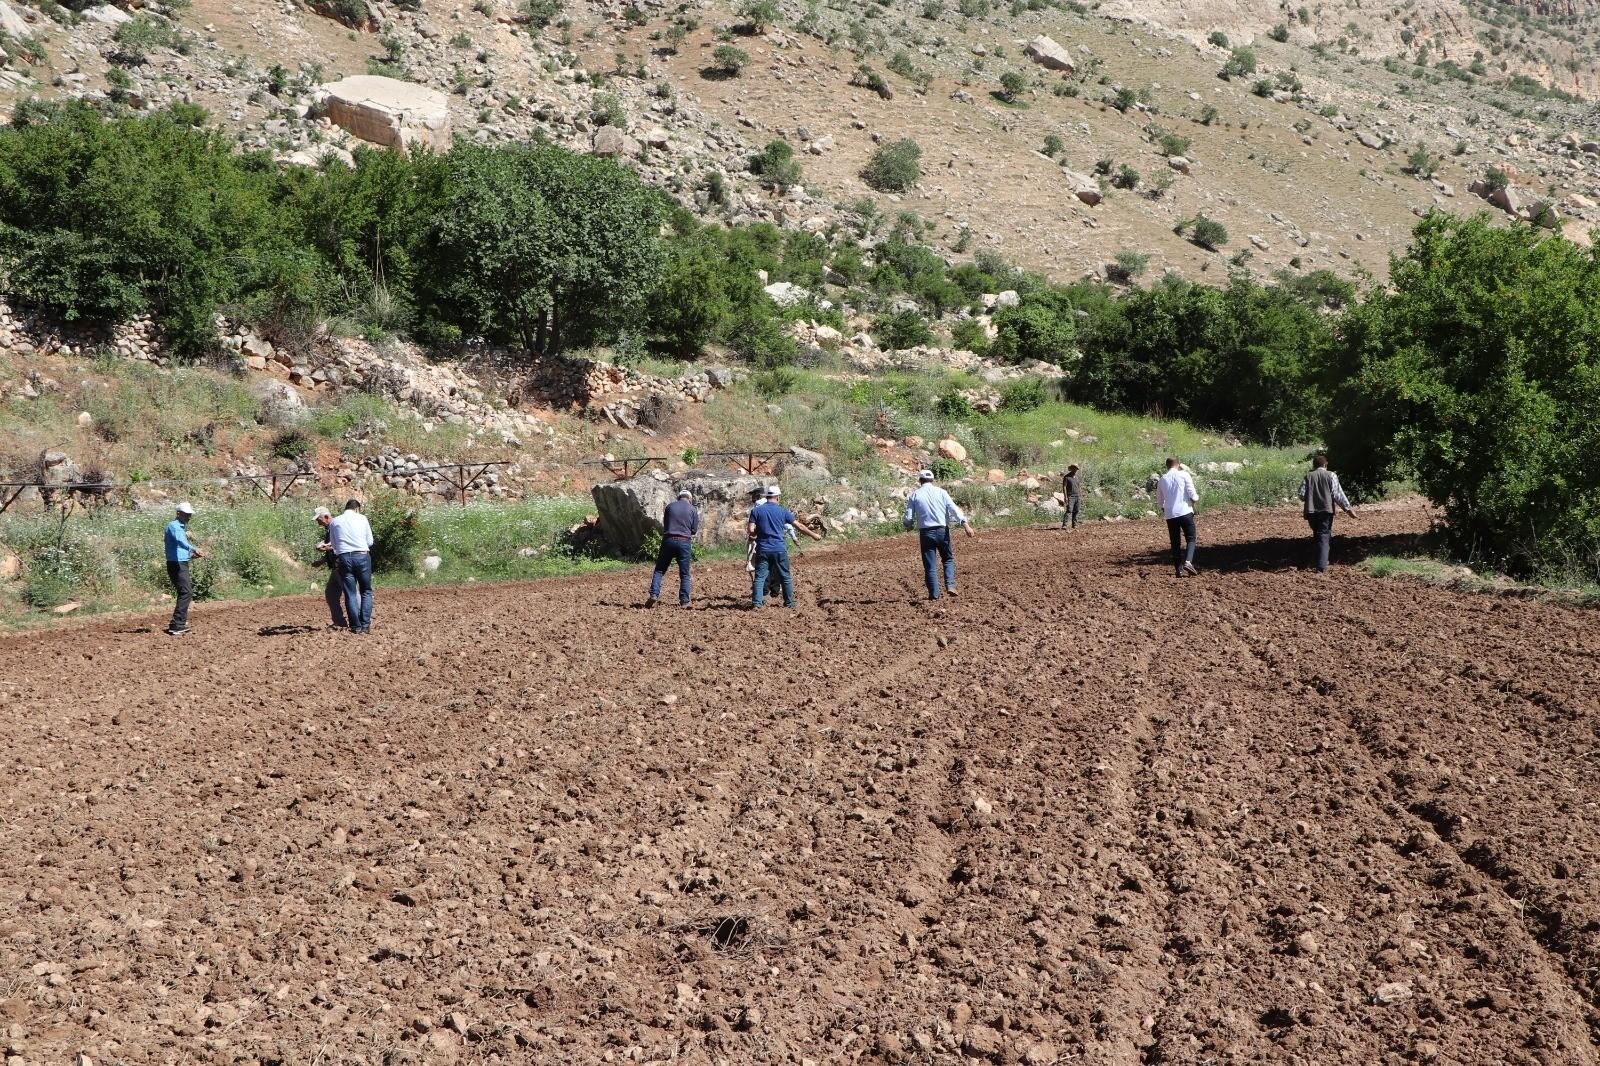 Siirt'te susamları toprakla buluşturan çiftçinin yüzü güldü